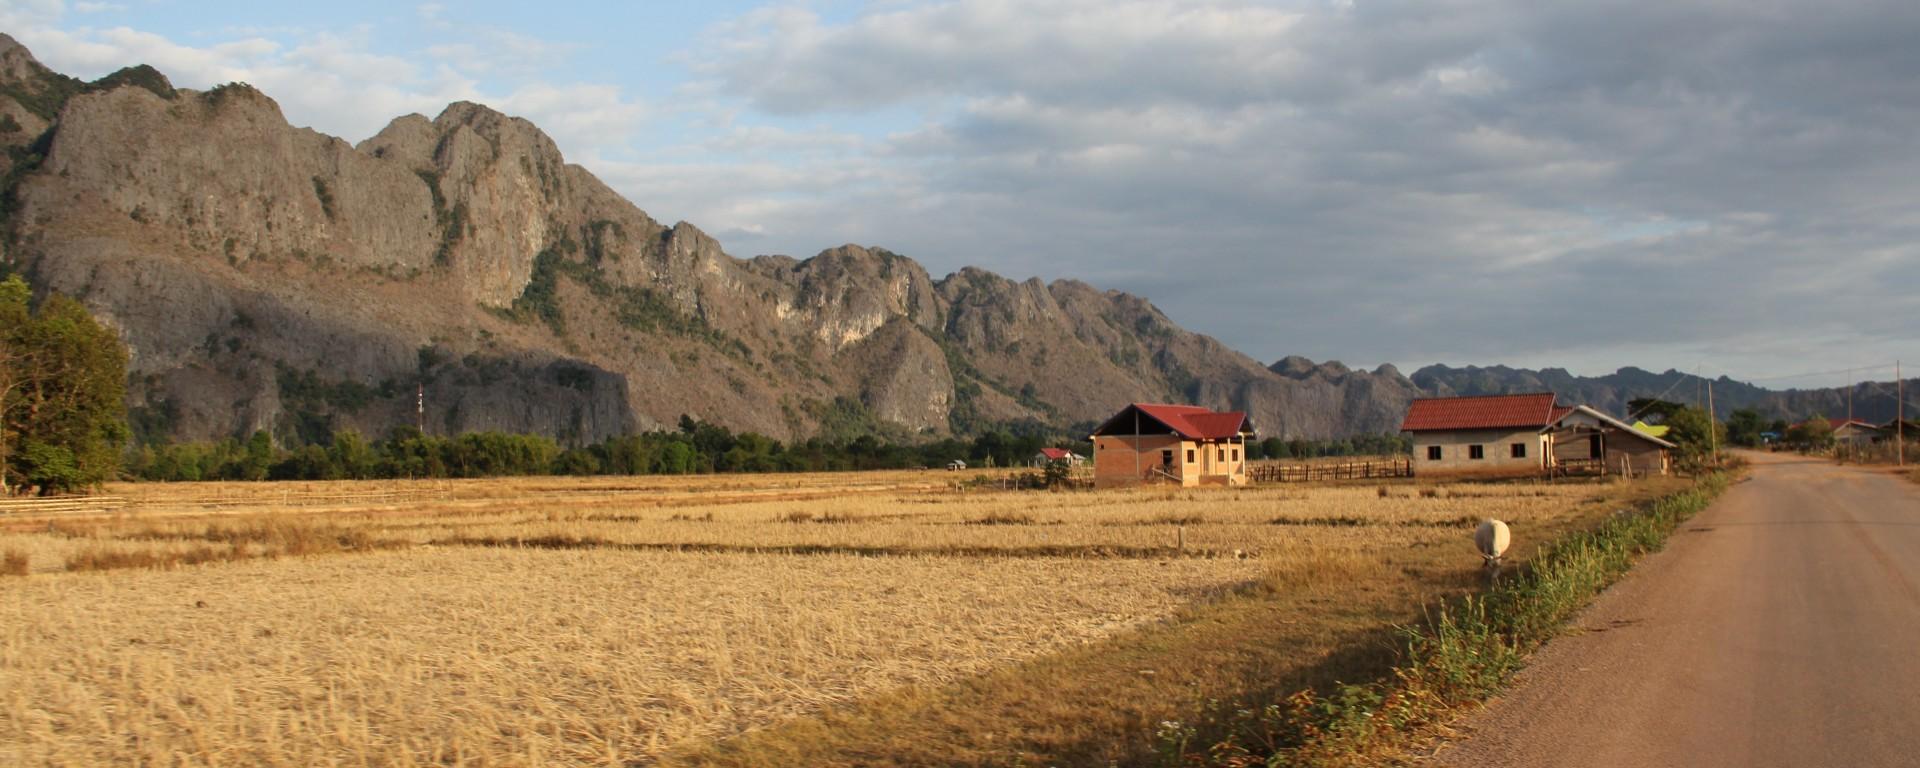 La lumière de fin de journée sublime l'arrivée dans le petit village de Konglor (© Aurélie Bacheley).